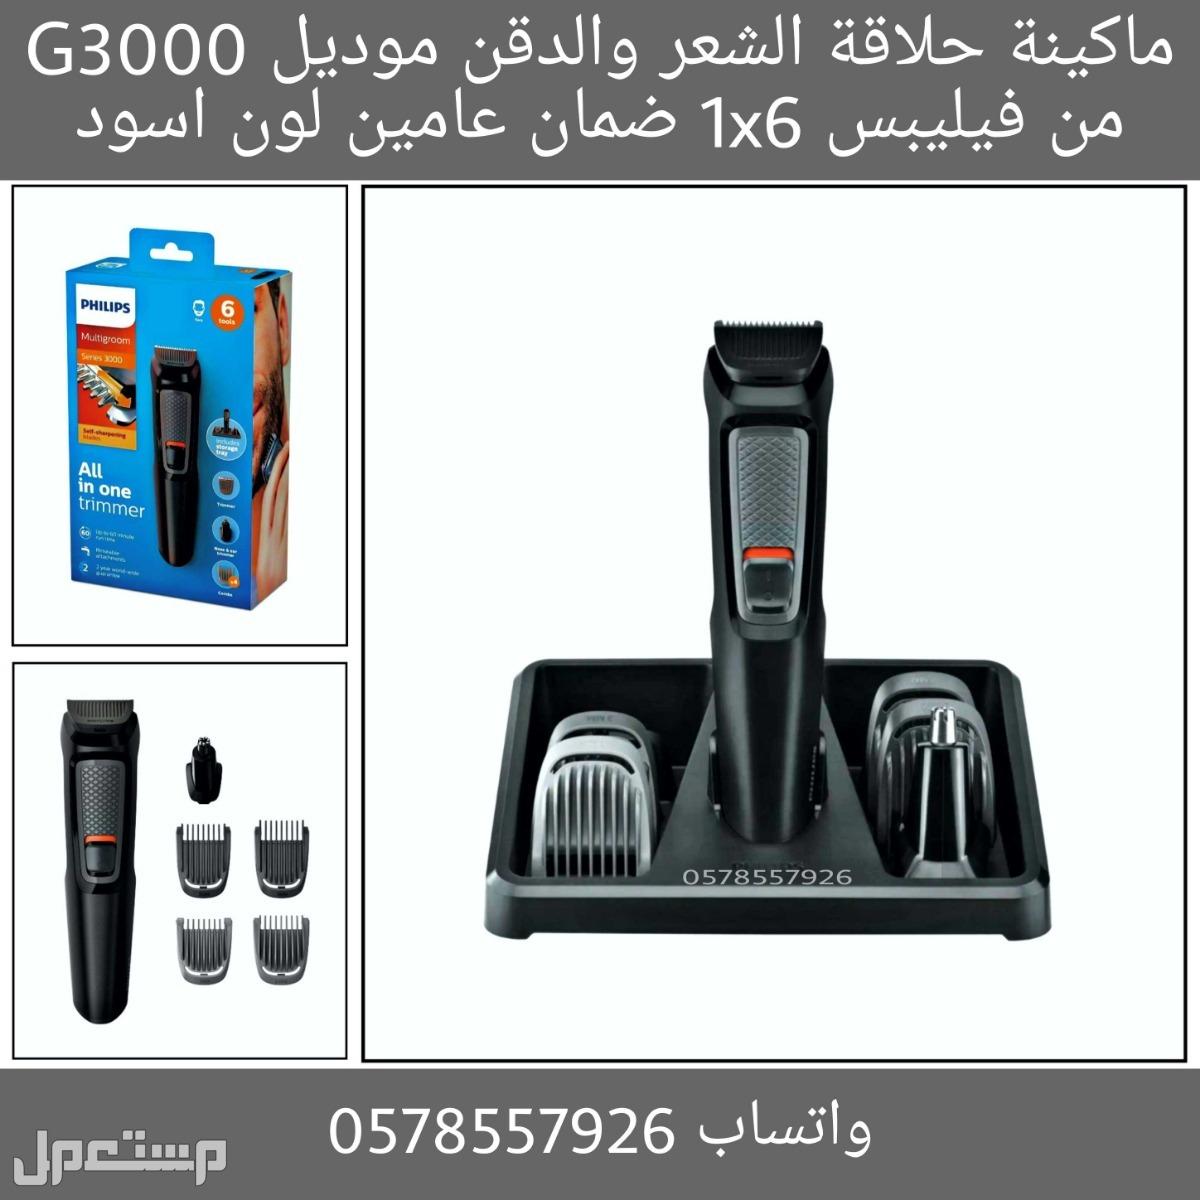 ماكينة حلاقة الشعر والدقن موديل G3000 من فيليبس 1x6 ضمان عامين لون اسود